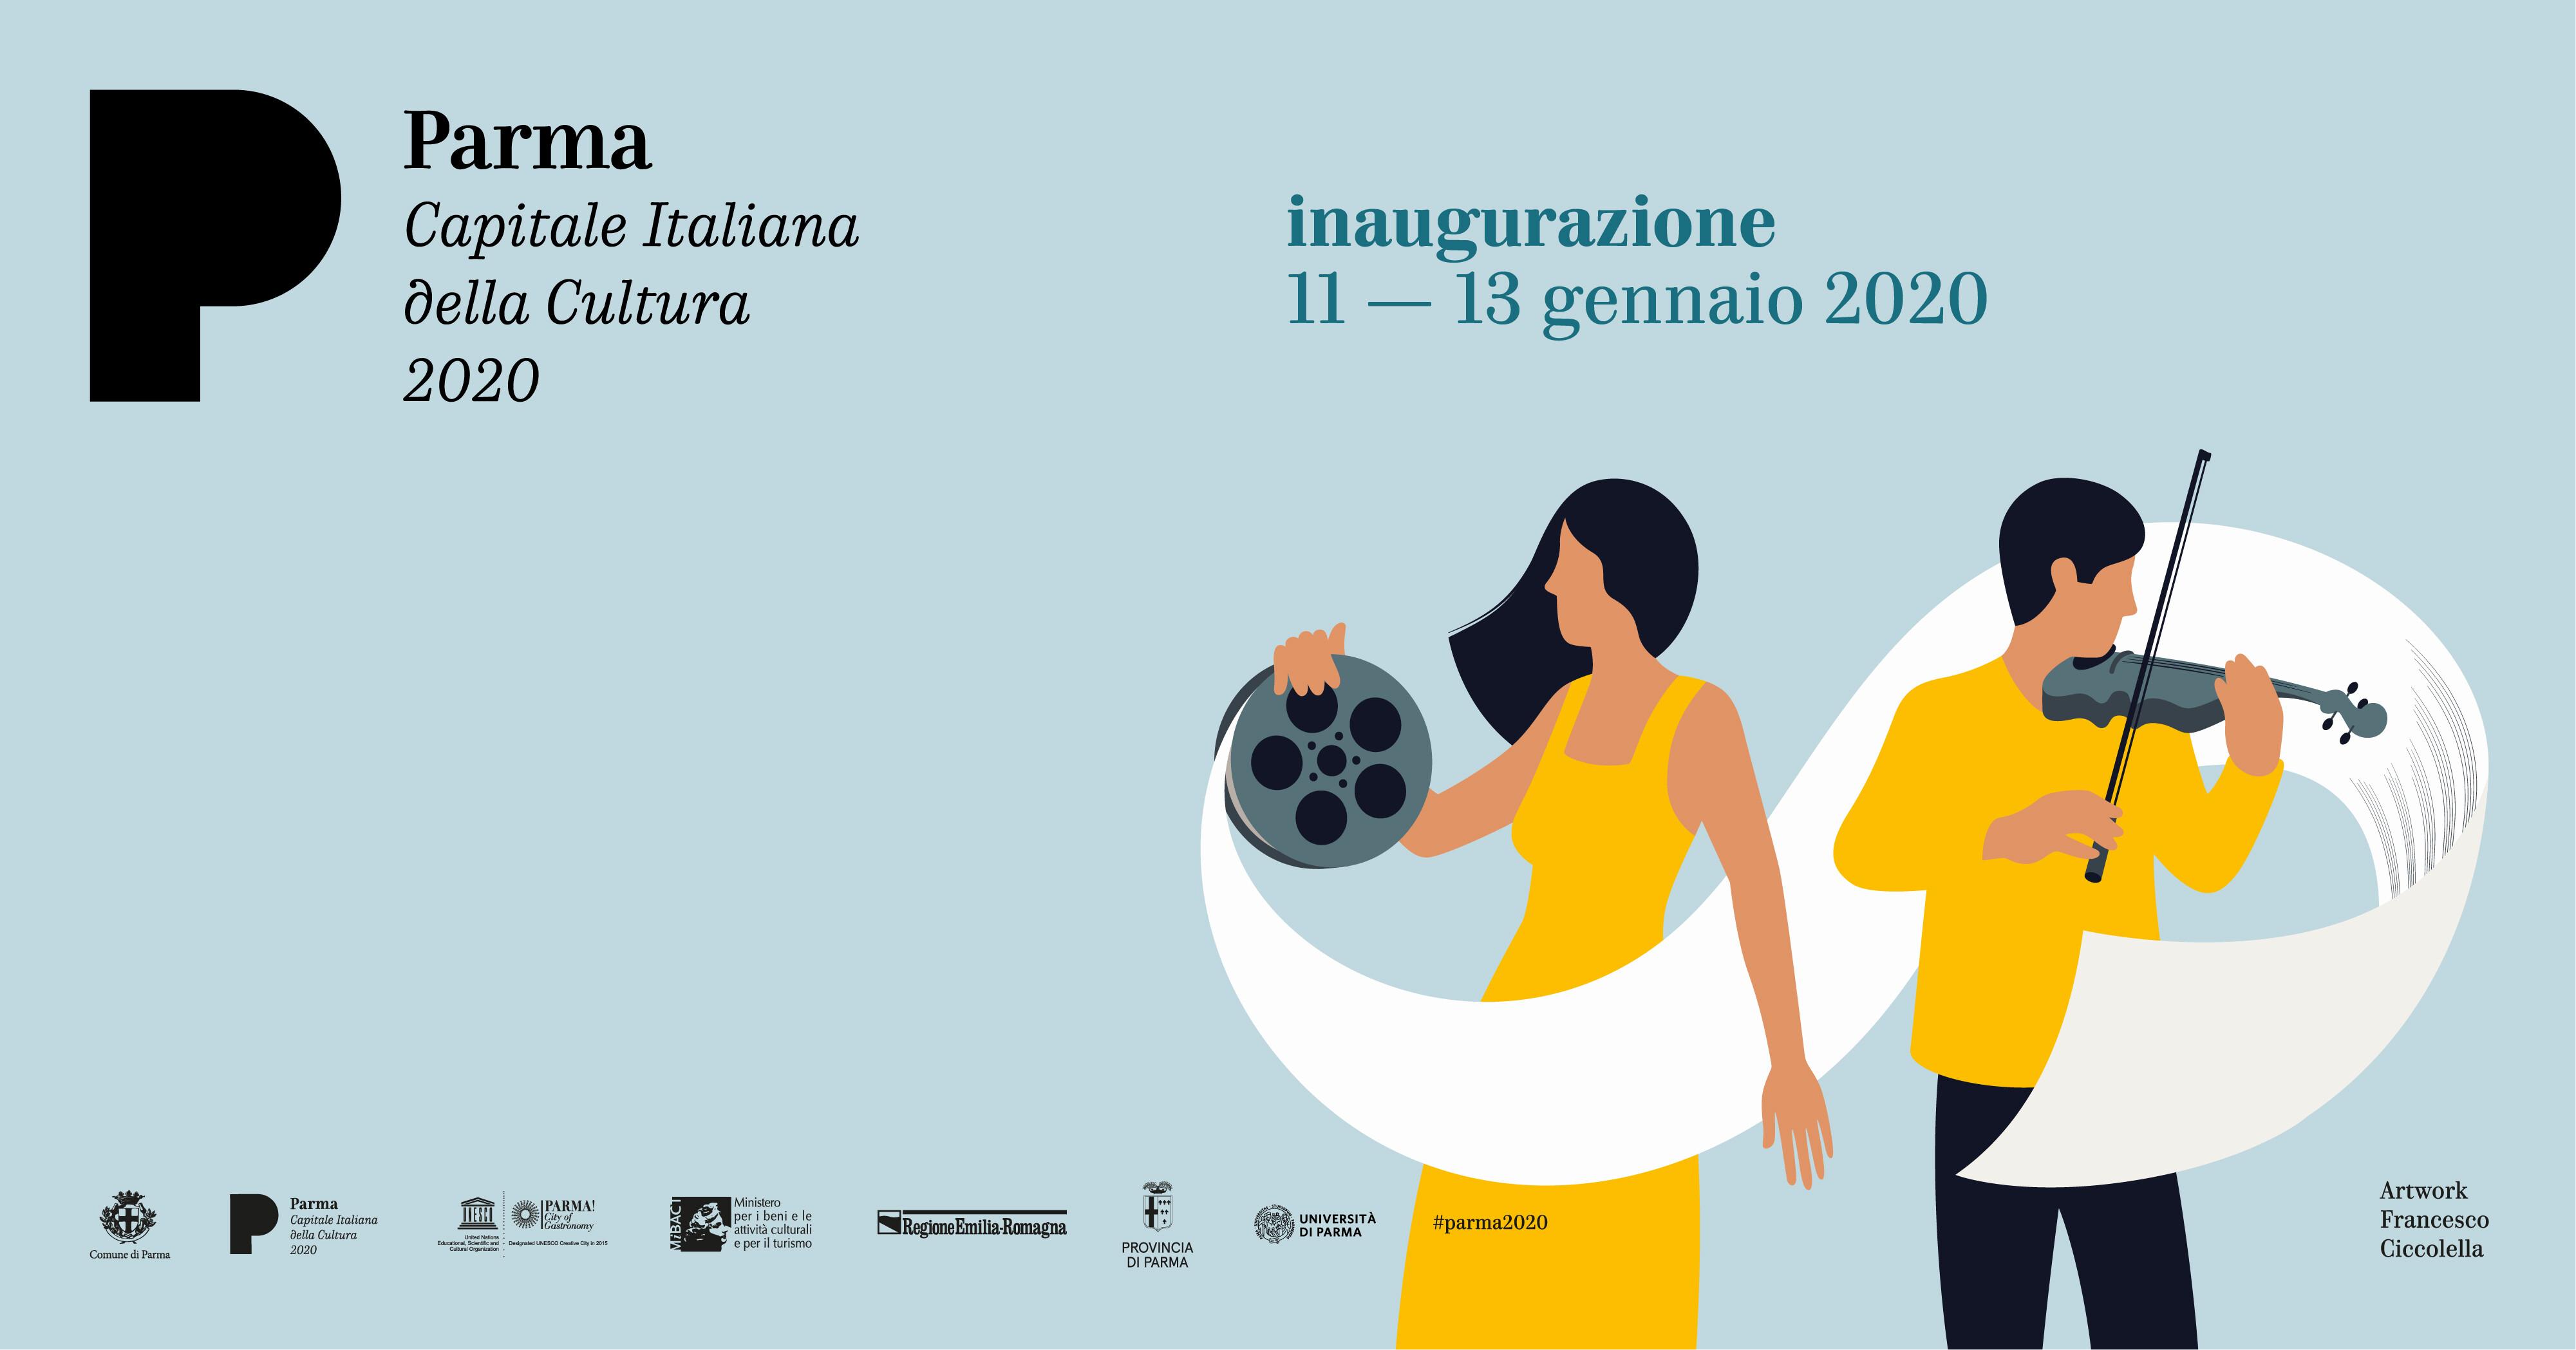 Parma Capitale Italiana della Cultura 2020: programma breve  dei 3 giorni di inaugurazione